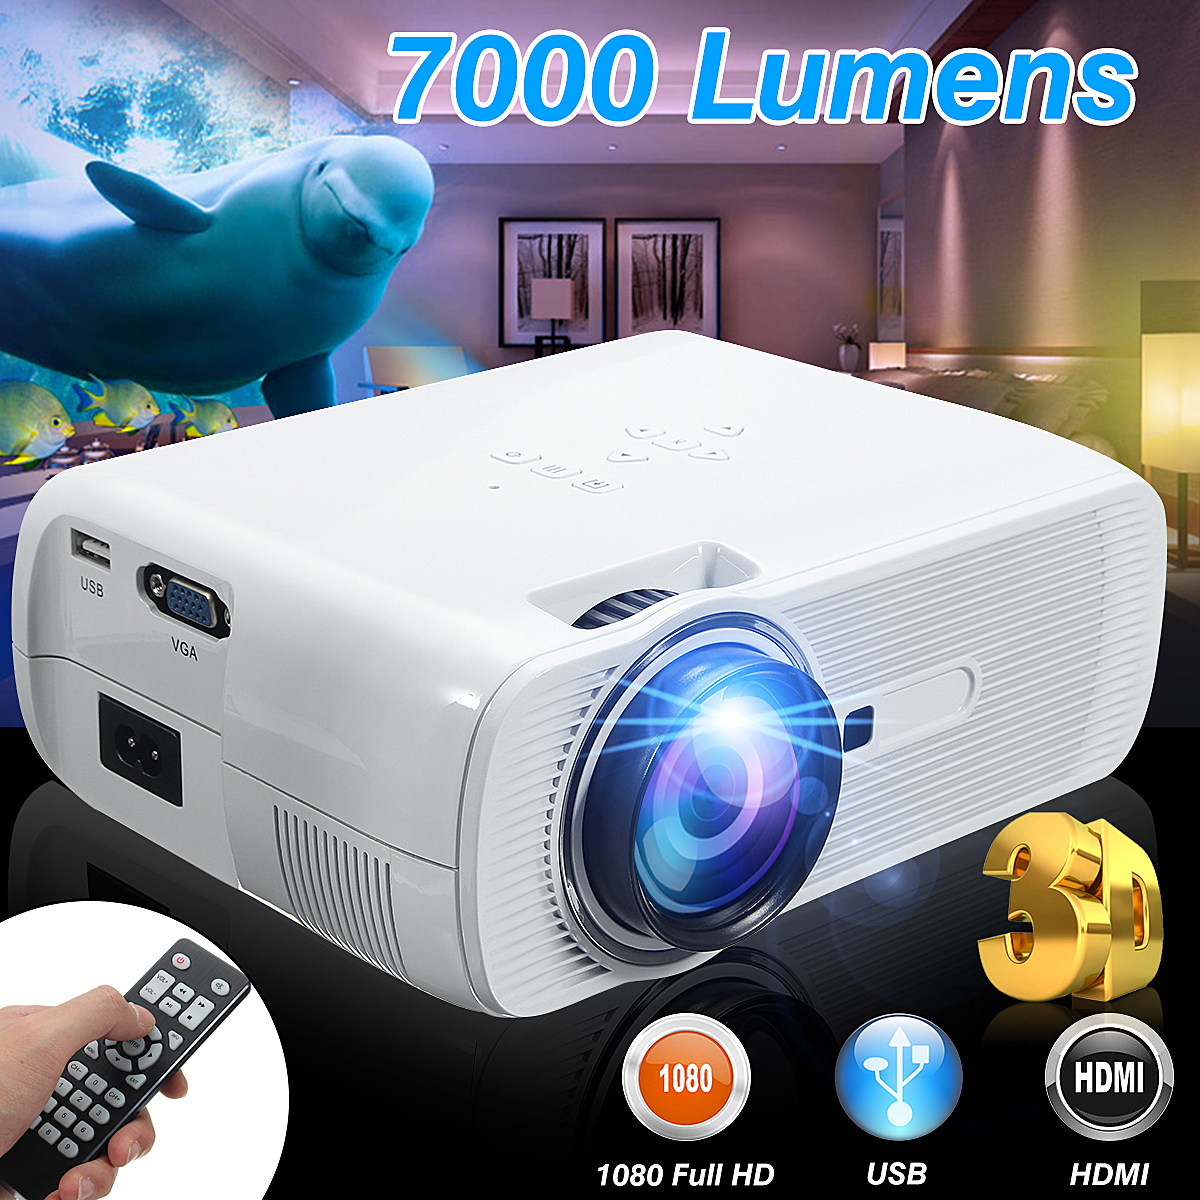 7000 Lumens HD LED Projecteur 3D Grand Écran Home Cinéma Cinéma LCD Sans Fil HDMI AV/VGA/USB/SD/HDMI/TV Multimédia Beamer